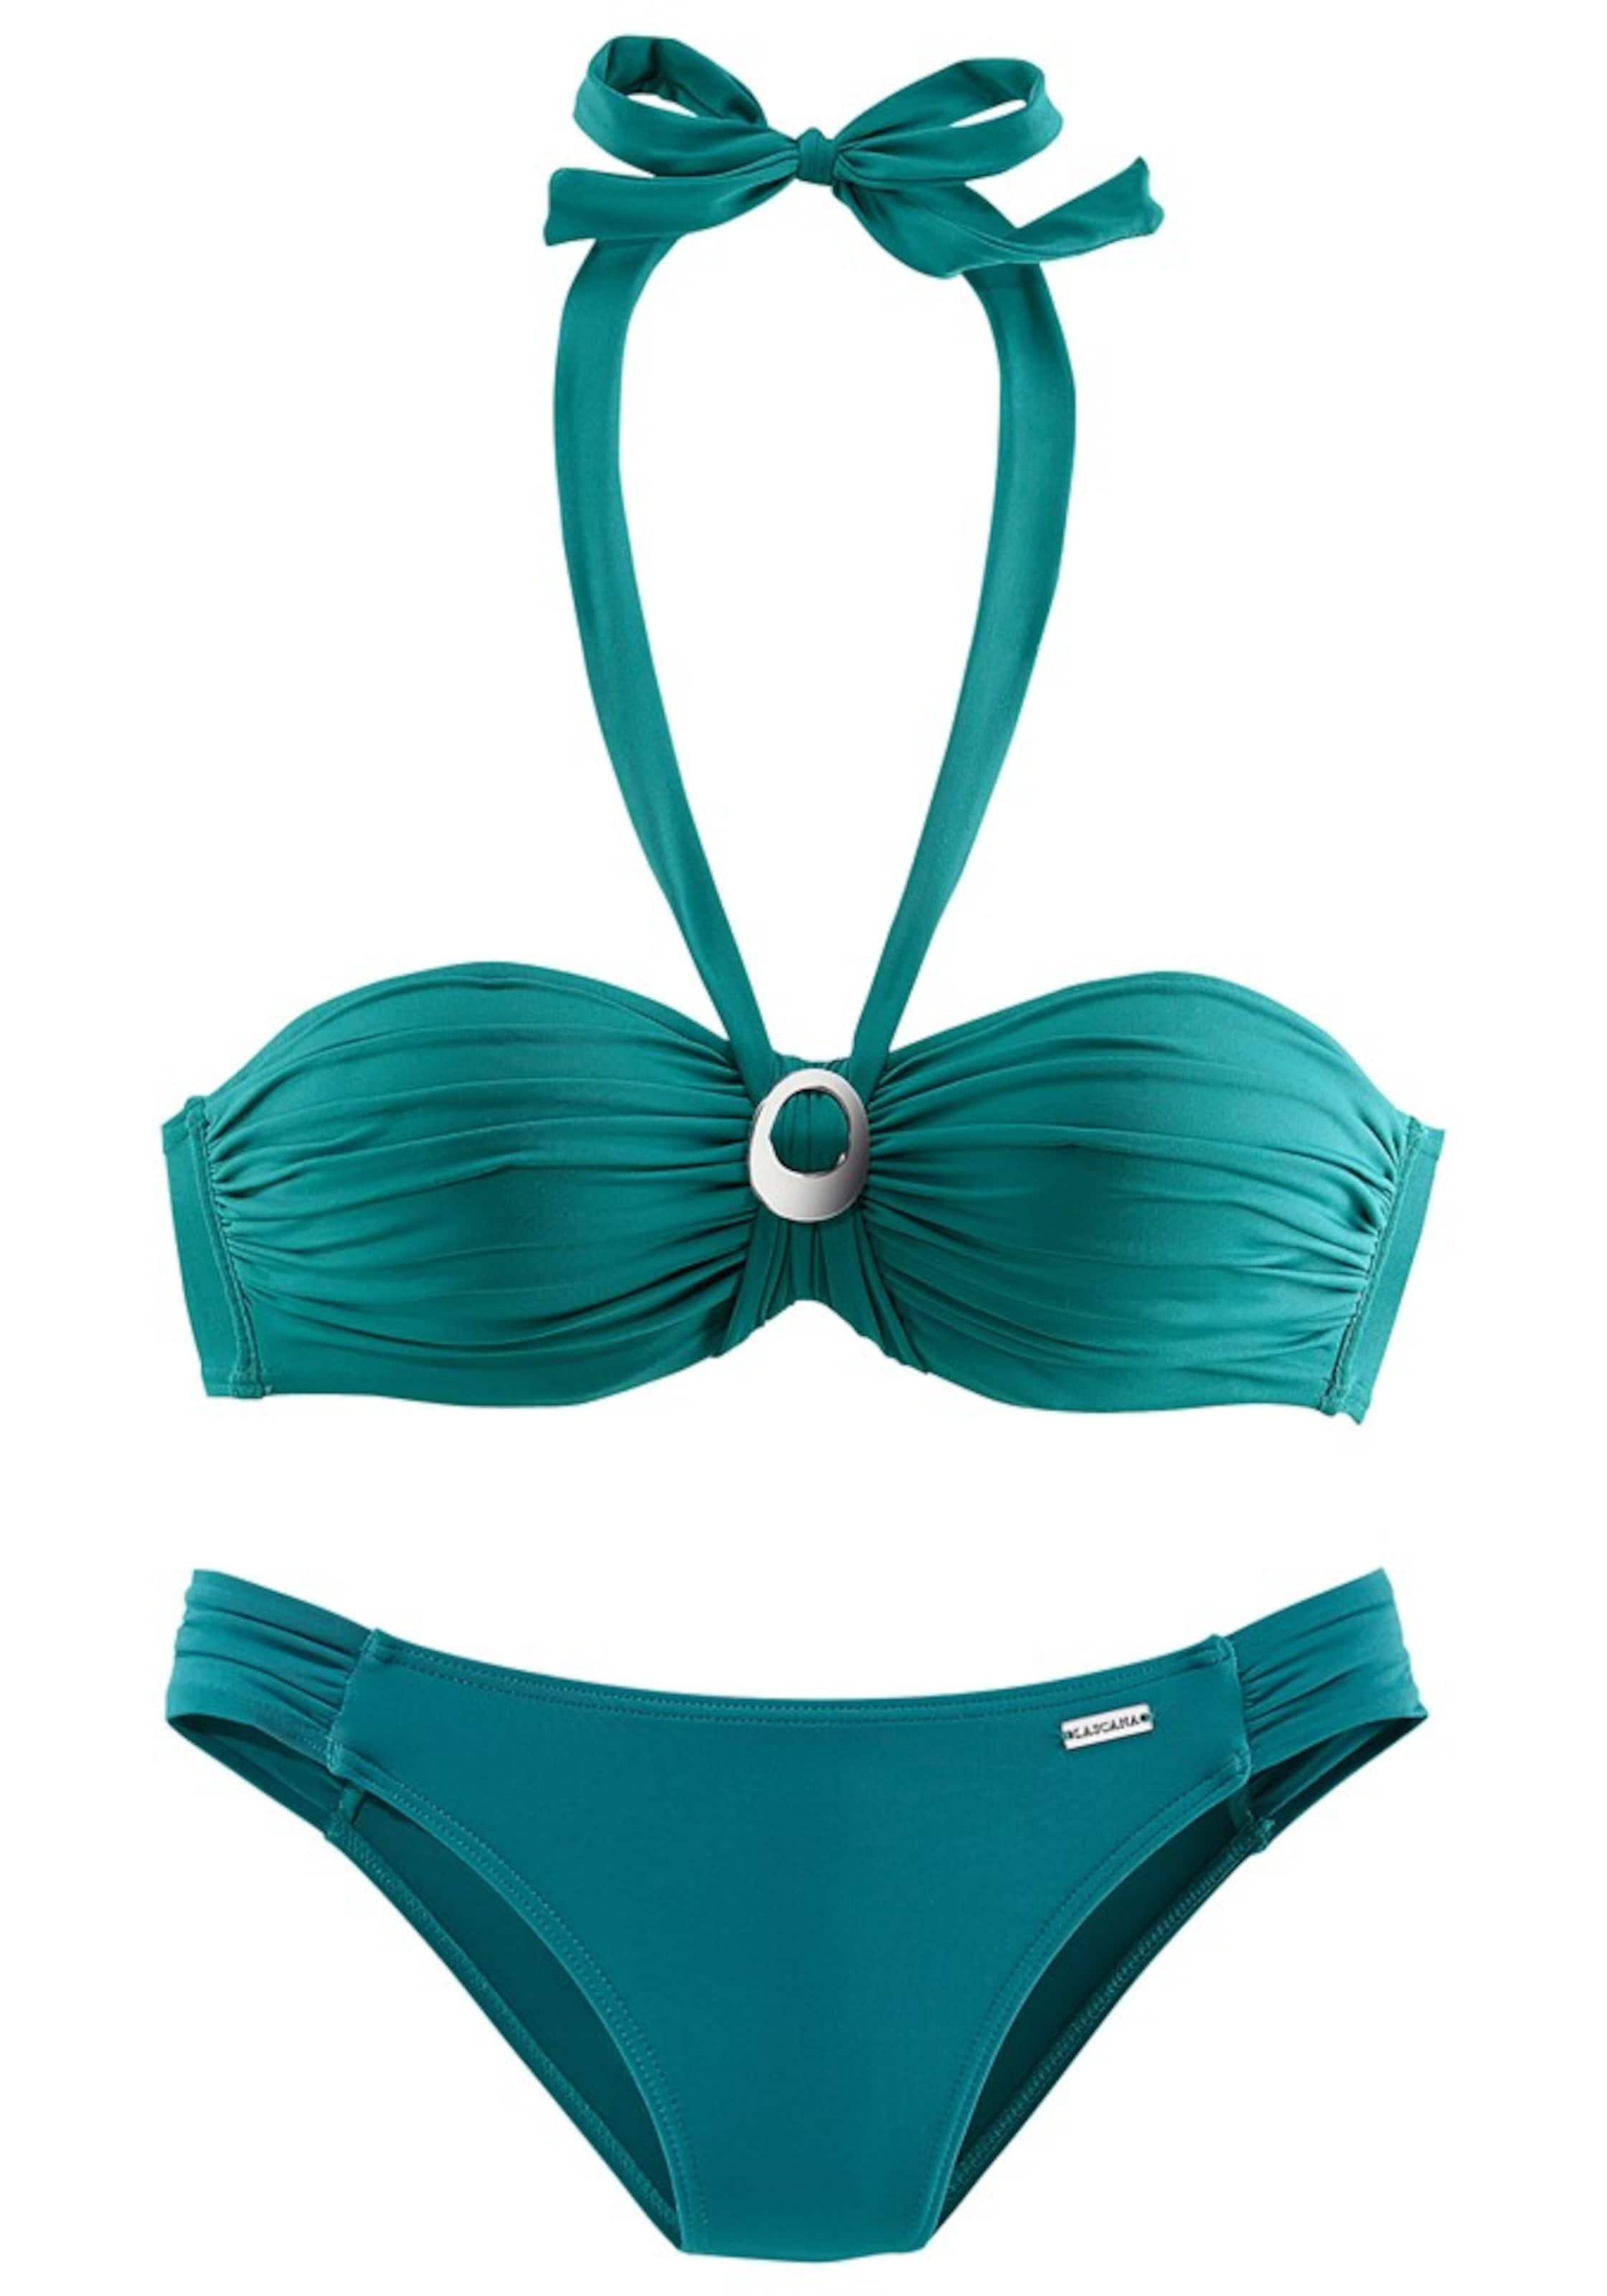 Billige Eastbay LASCANA Bügel-Bandeau-Bikini Erscheinungsdaten Günstigen Preis Perfekt Zum Verkauf Günstig Kaufen Niedrige Versandkosten J66Ac